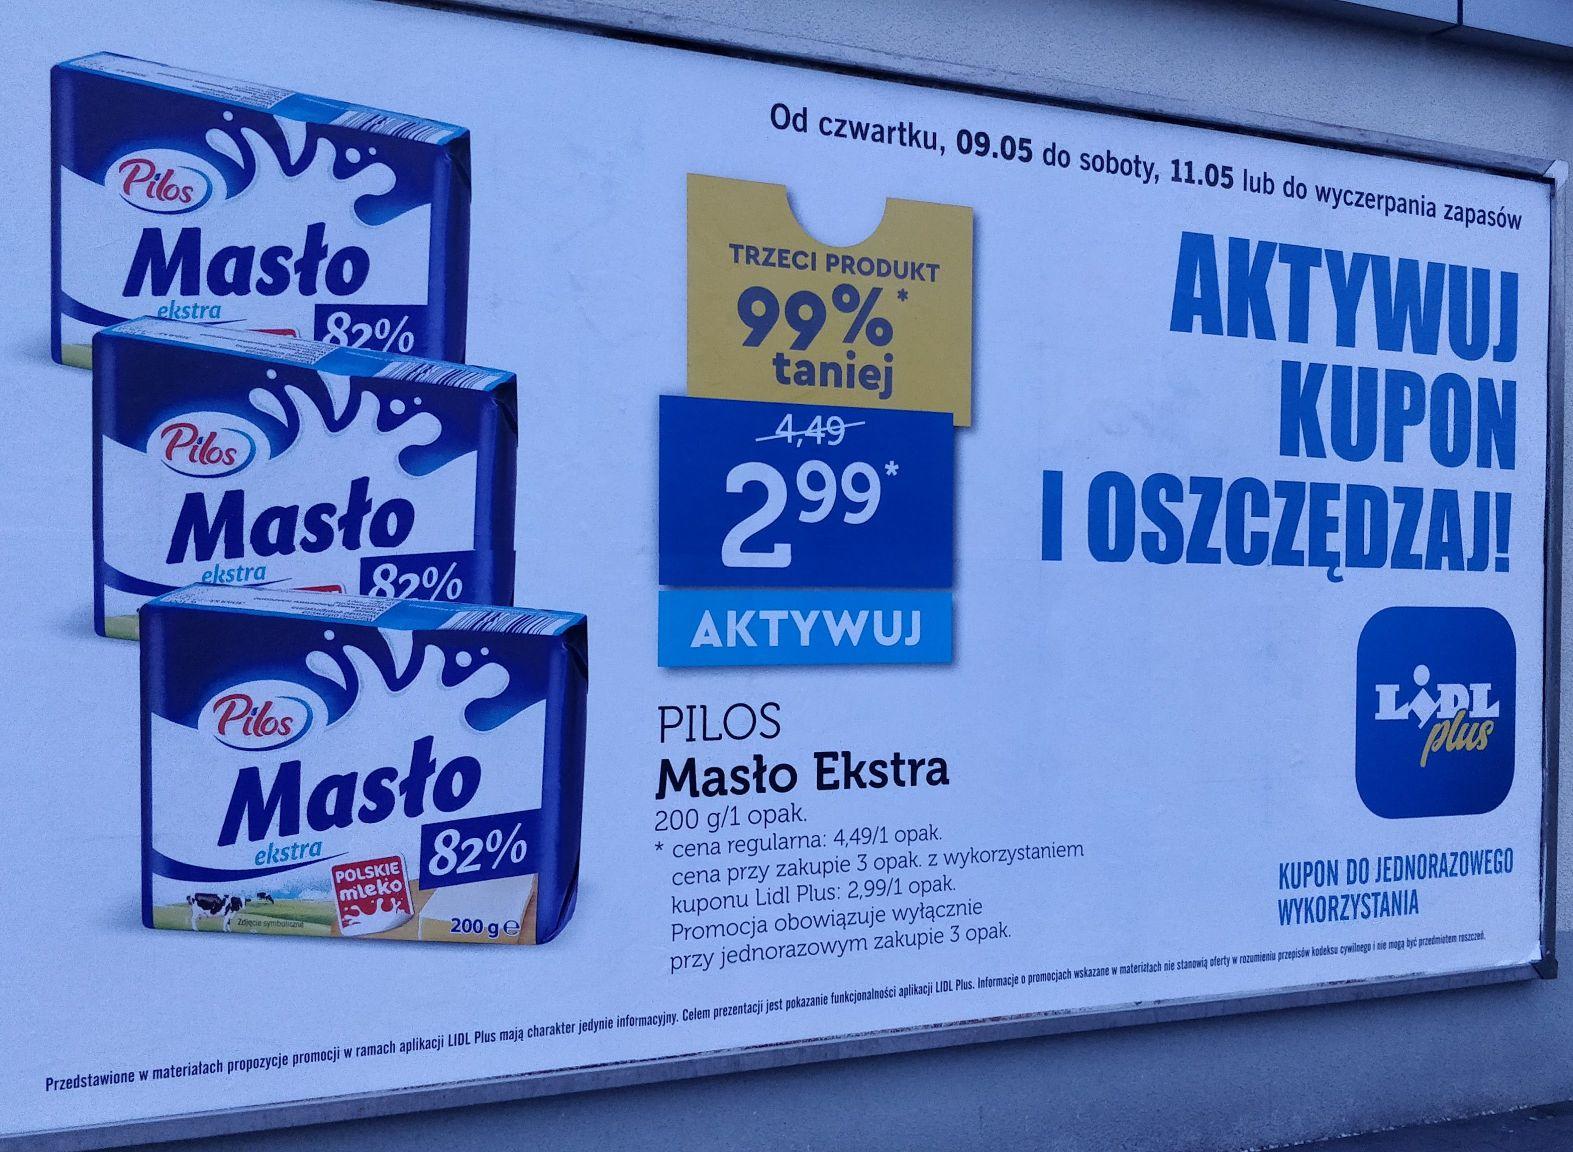 Masło ekstra Pilos 82% tłuszczu z kuponem Lidl+ po 2,99/szt. przy zakupie 3